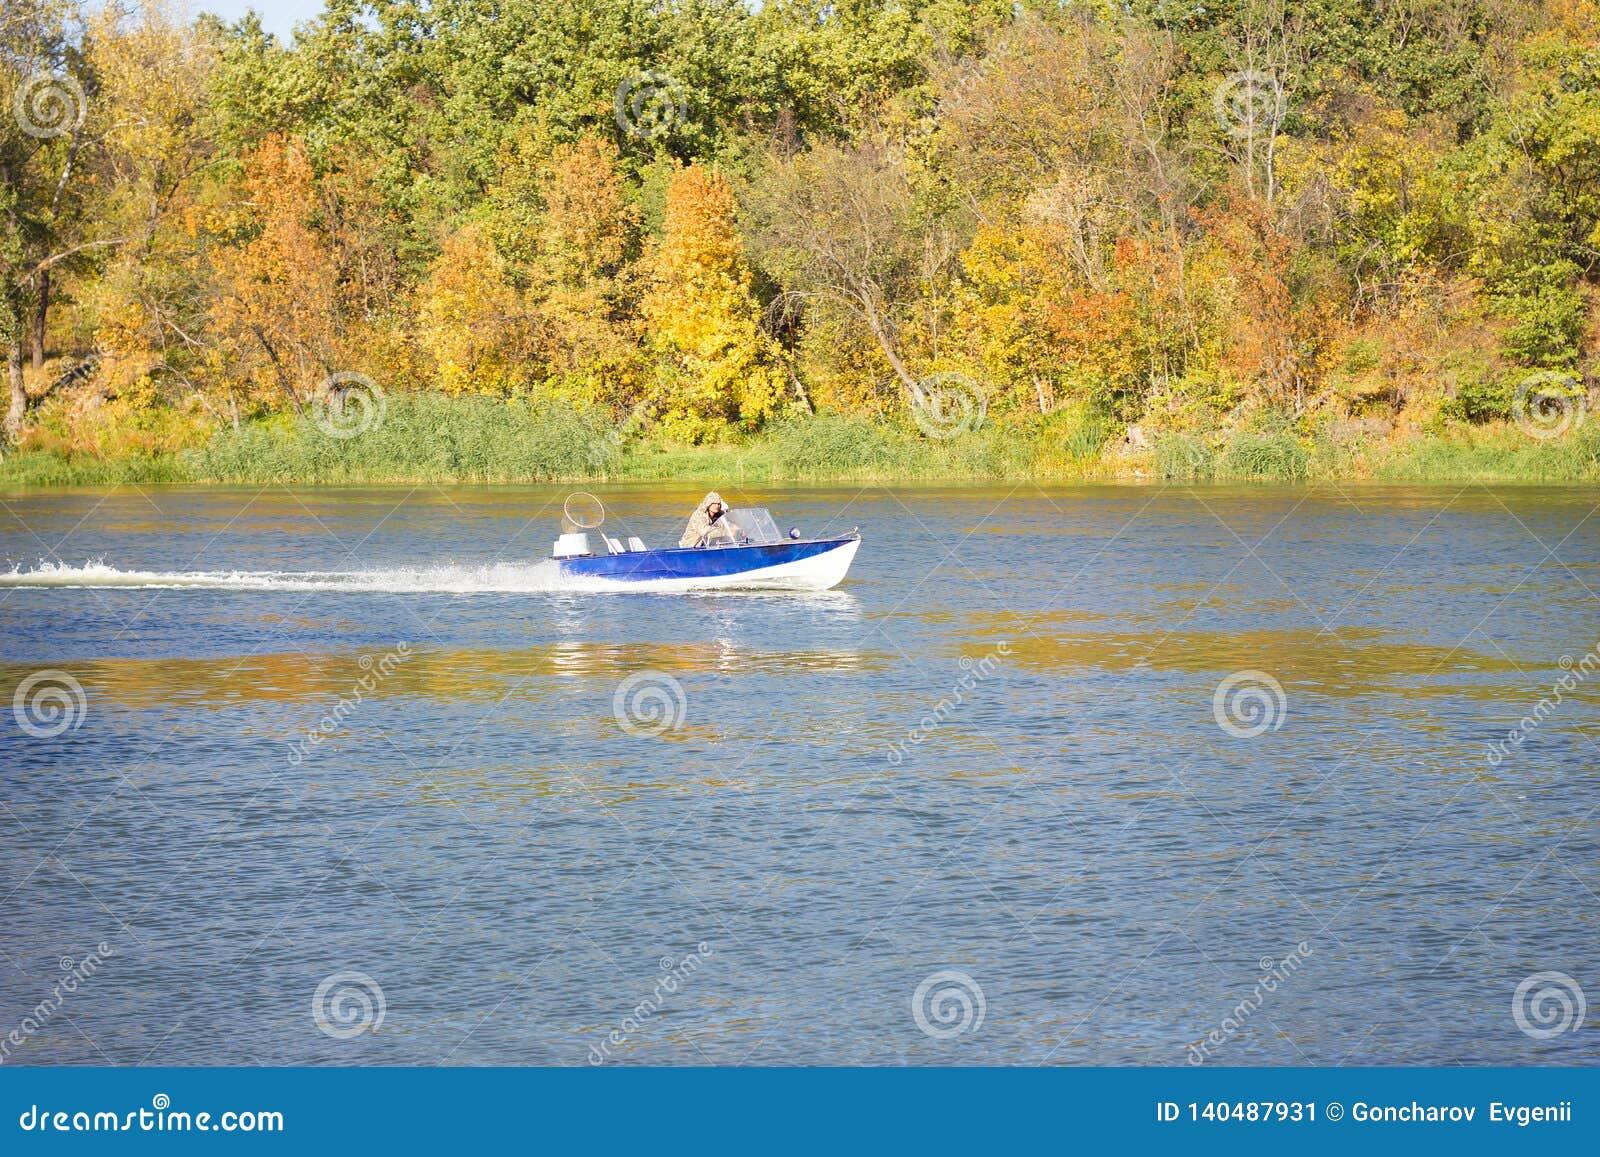 Μια μικρή βάρκα επιπλέει επάνω